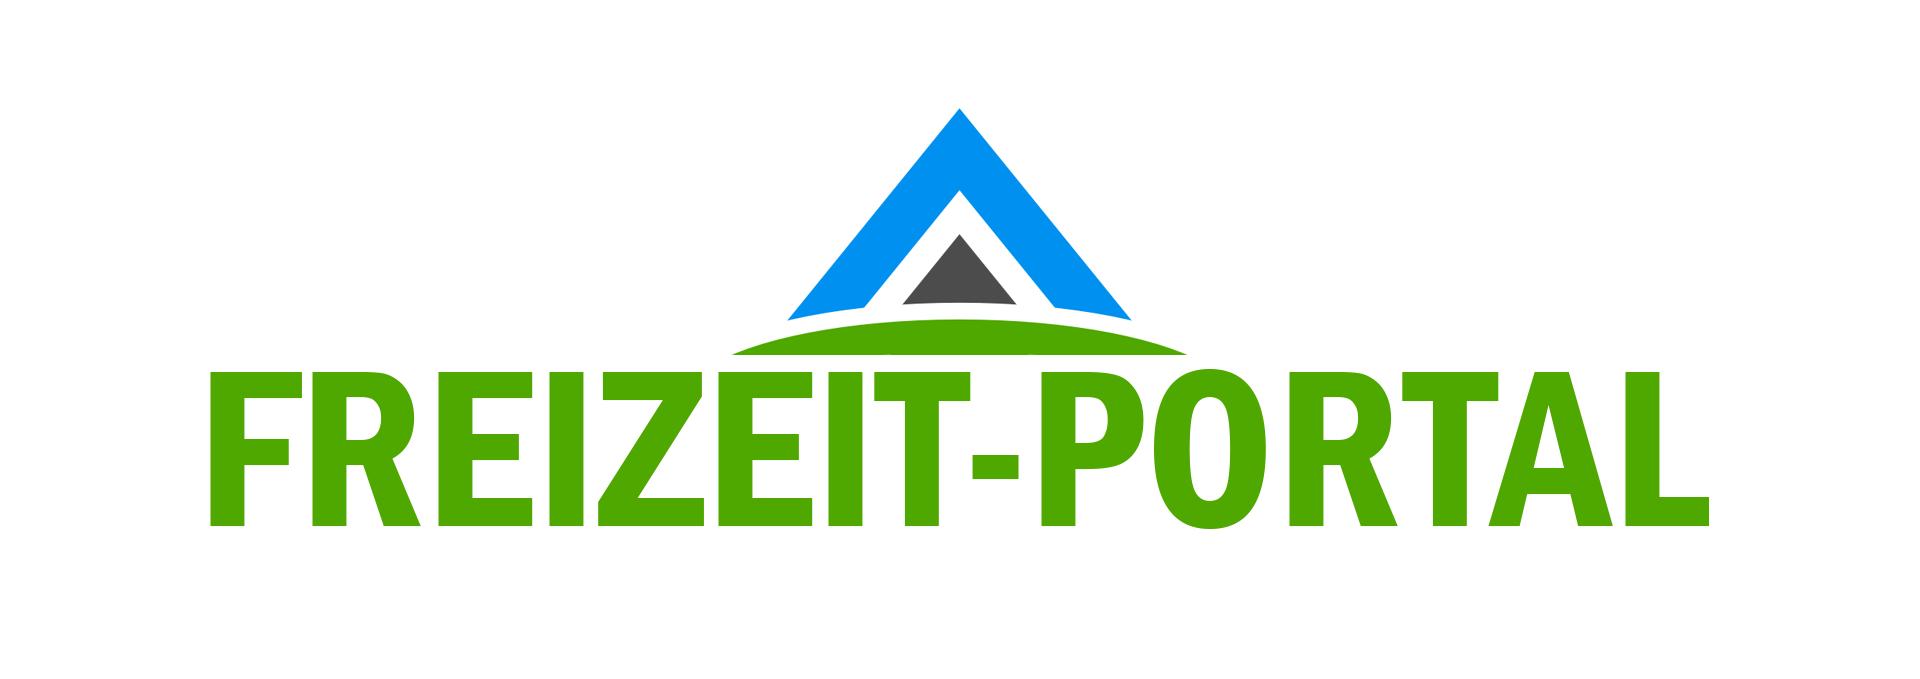 Freizeit Portal